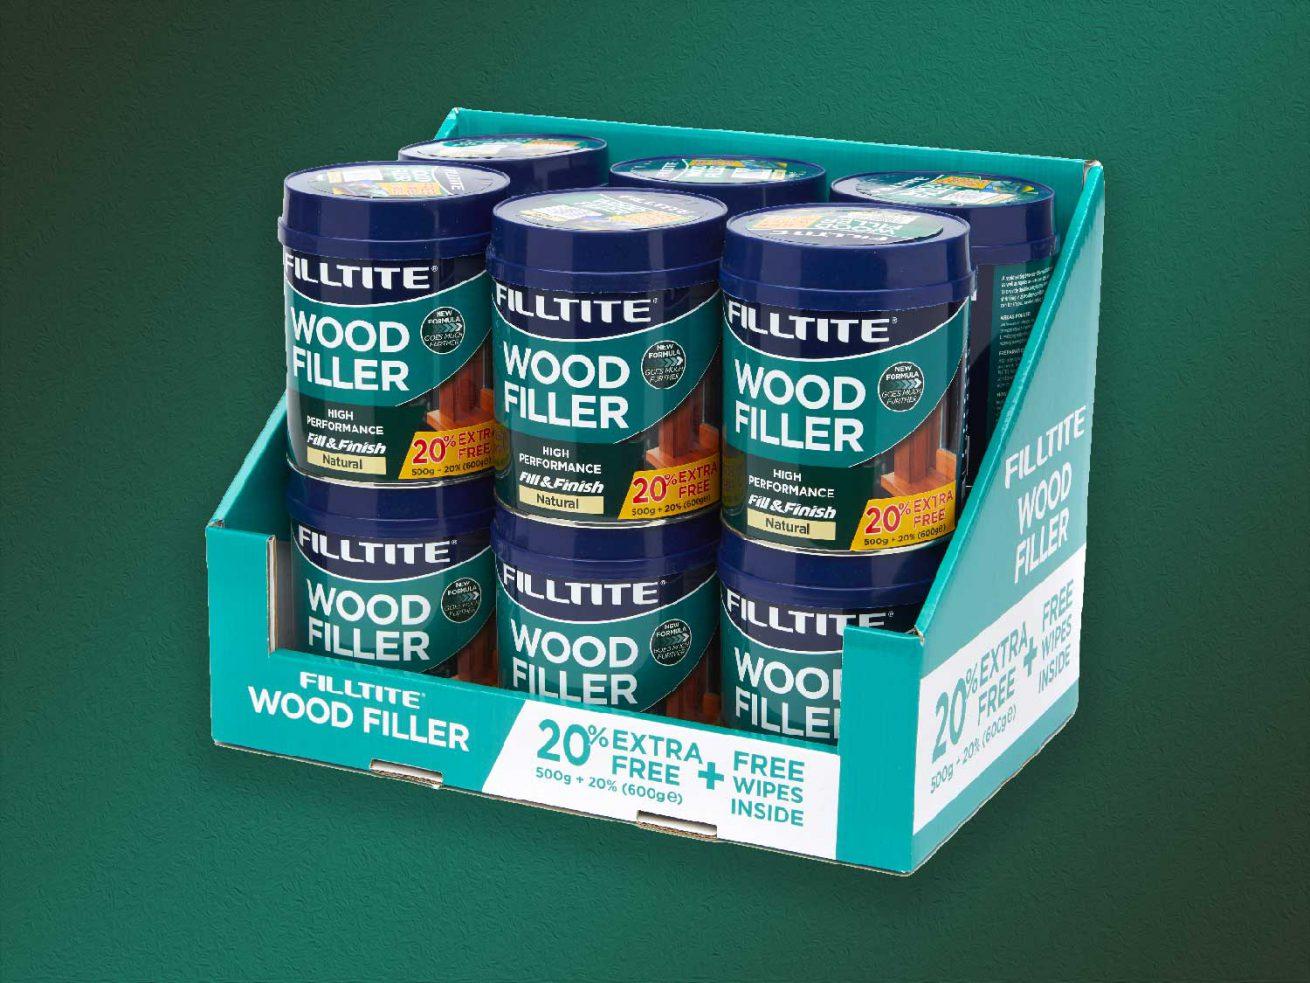 Filltite Wood Filler Promotion Pack